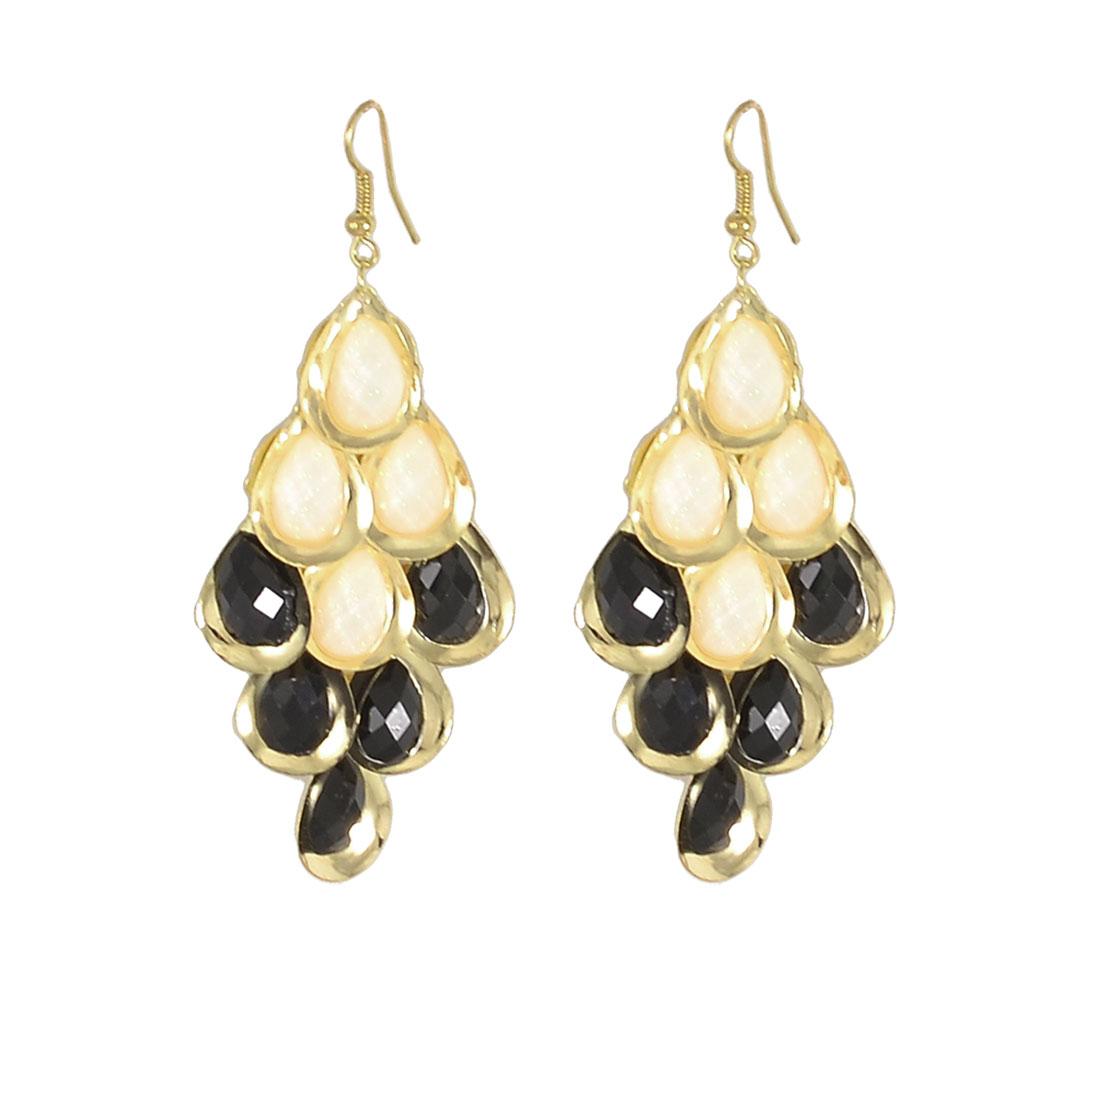 Ladies Black Crystal Accent Fish Hook Earrings Earbob Eardrop Pair